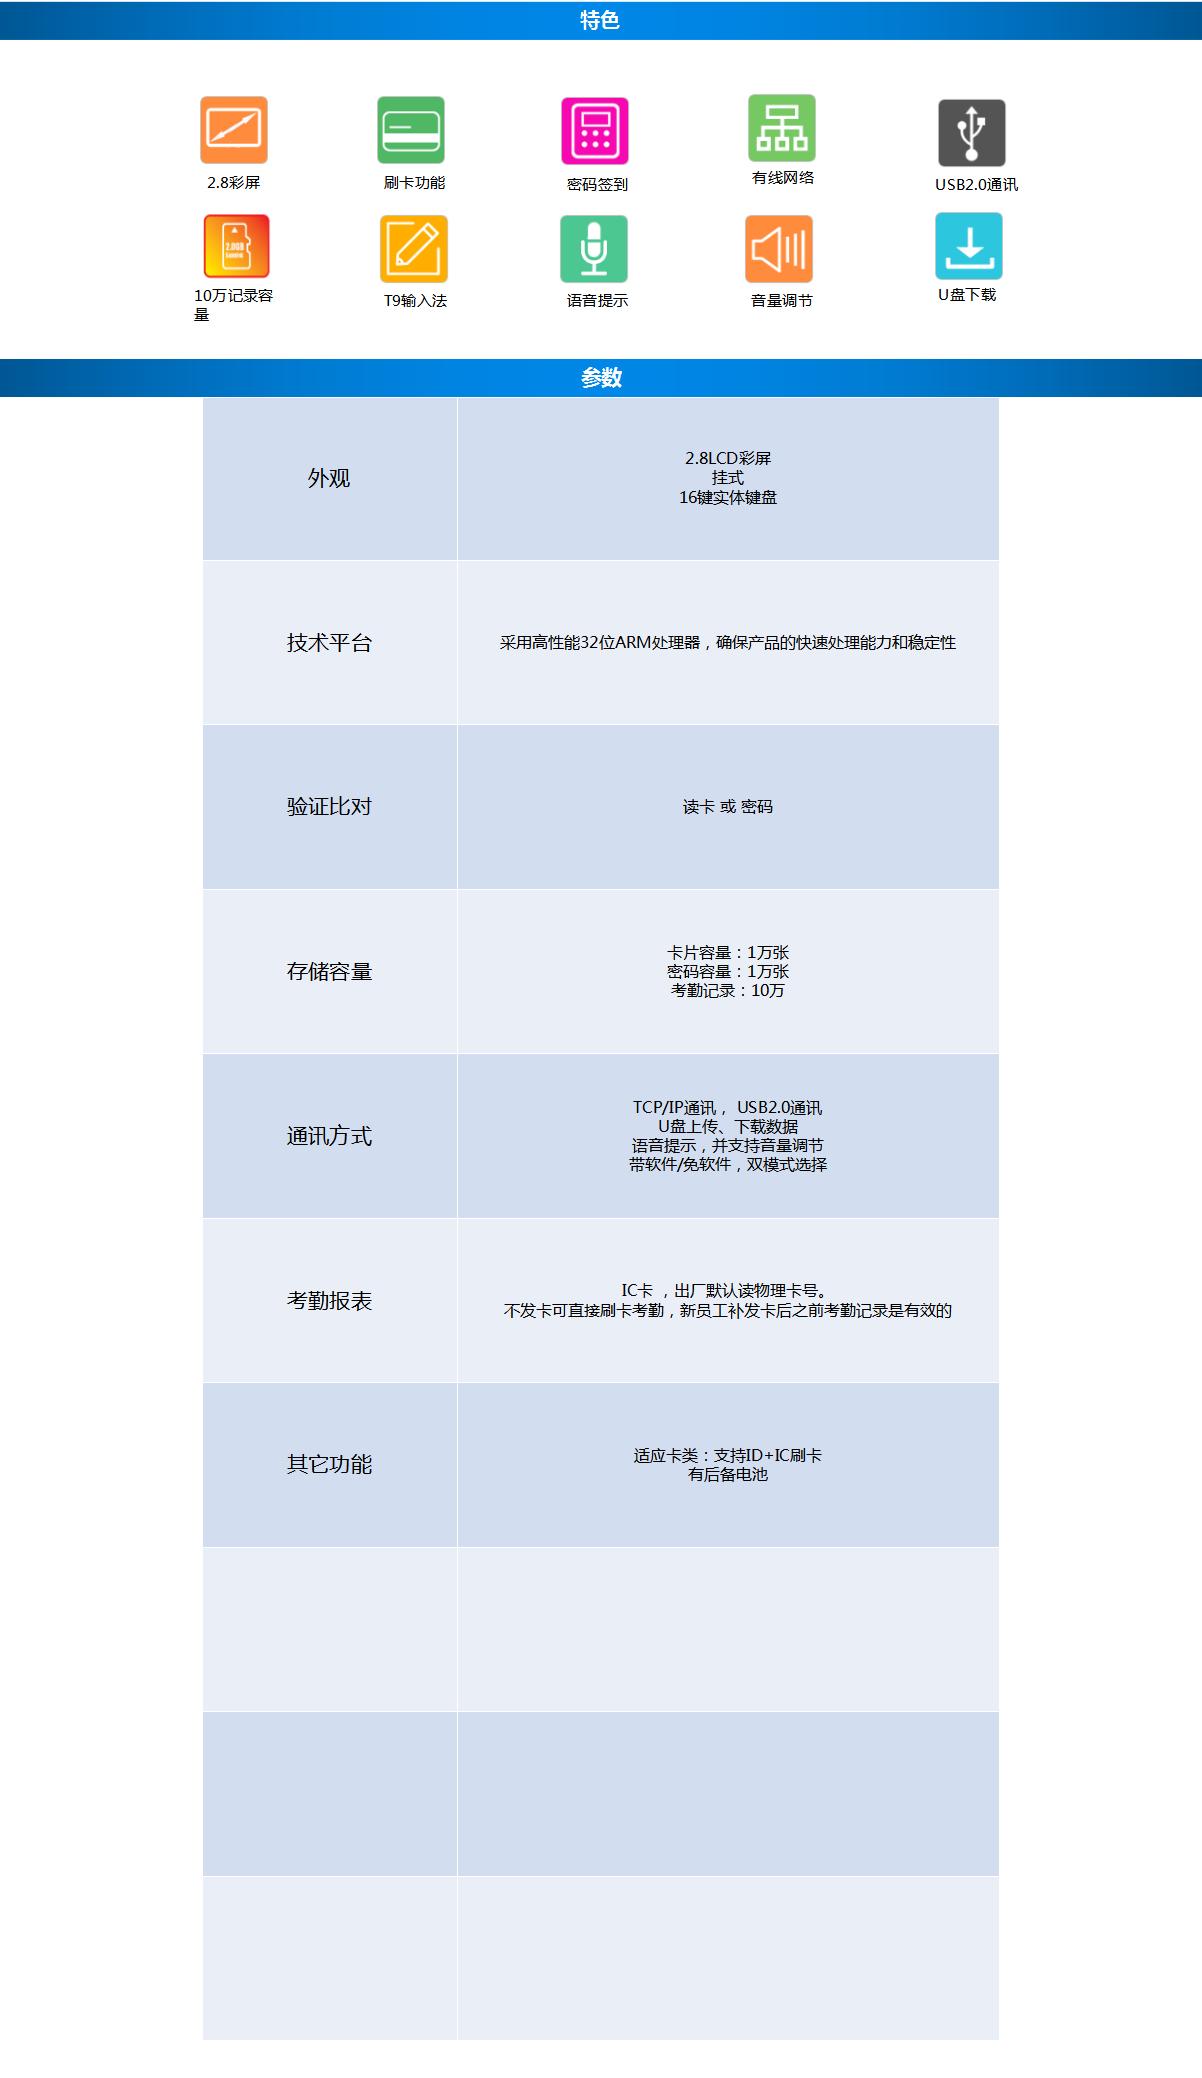 C1官网产品介绍-模板1202-普通品质输出_01.png